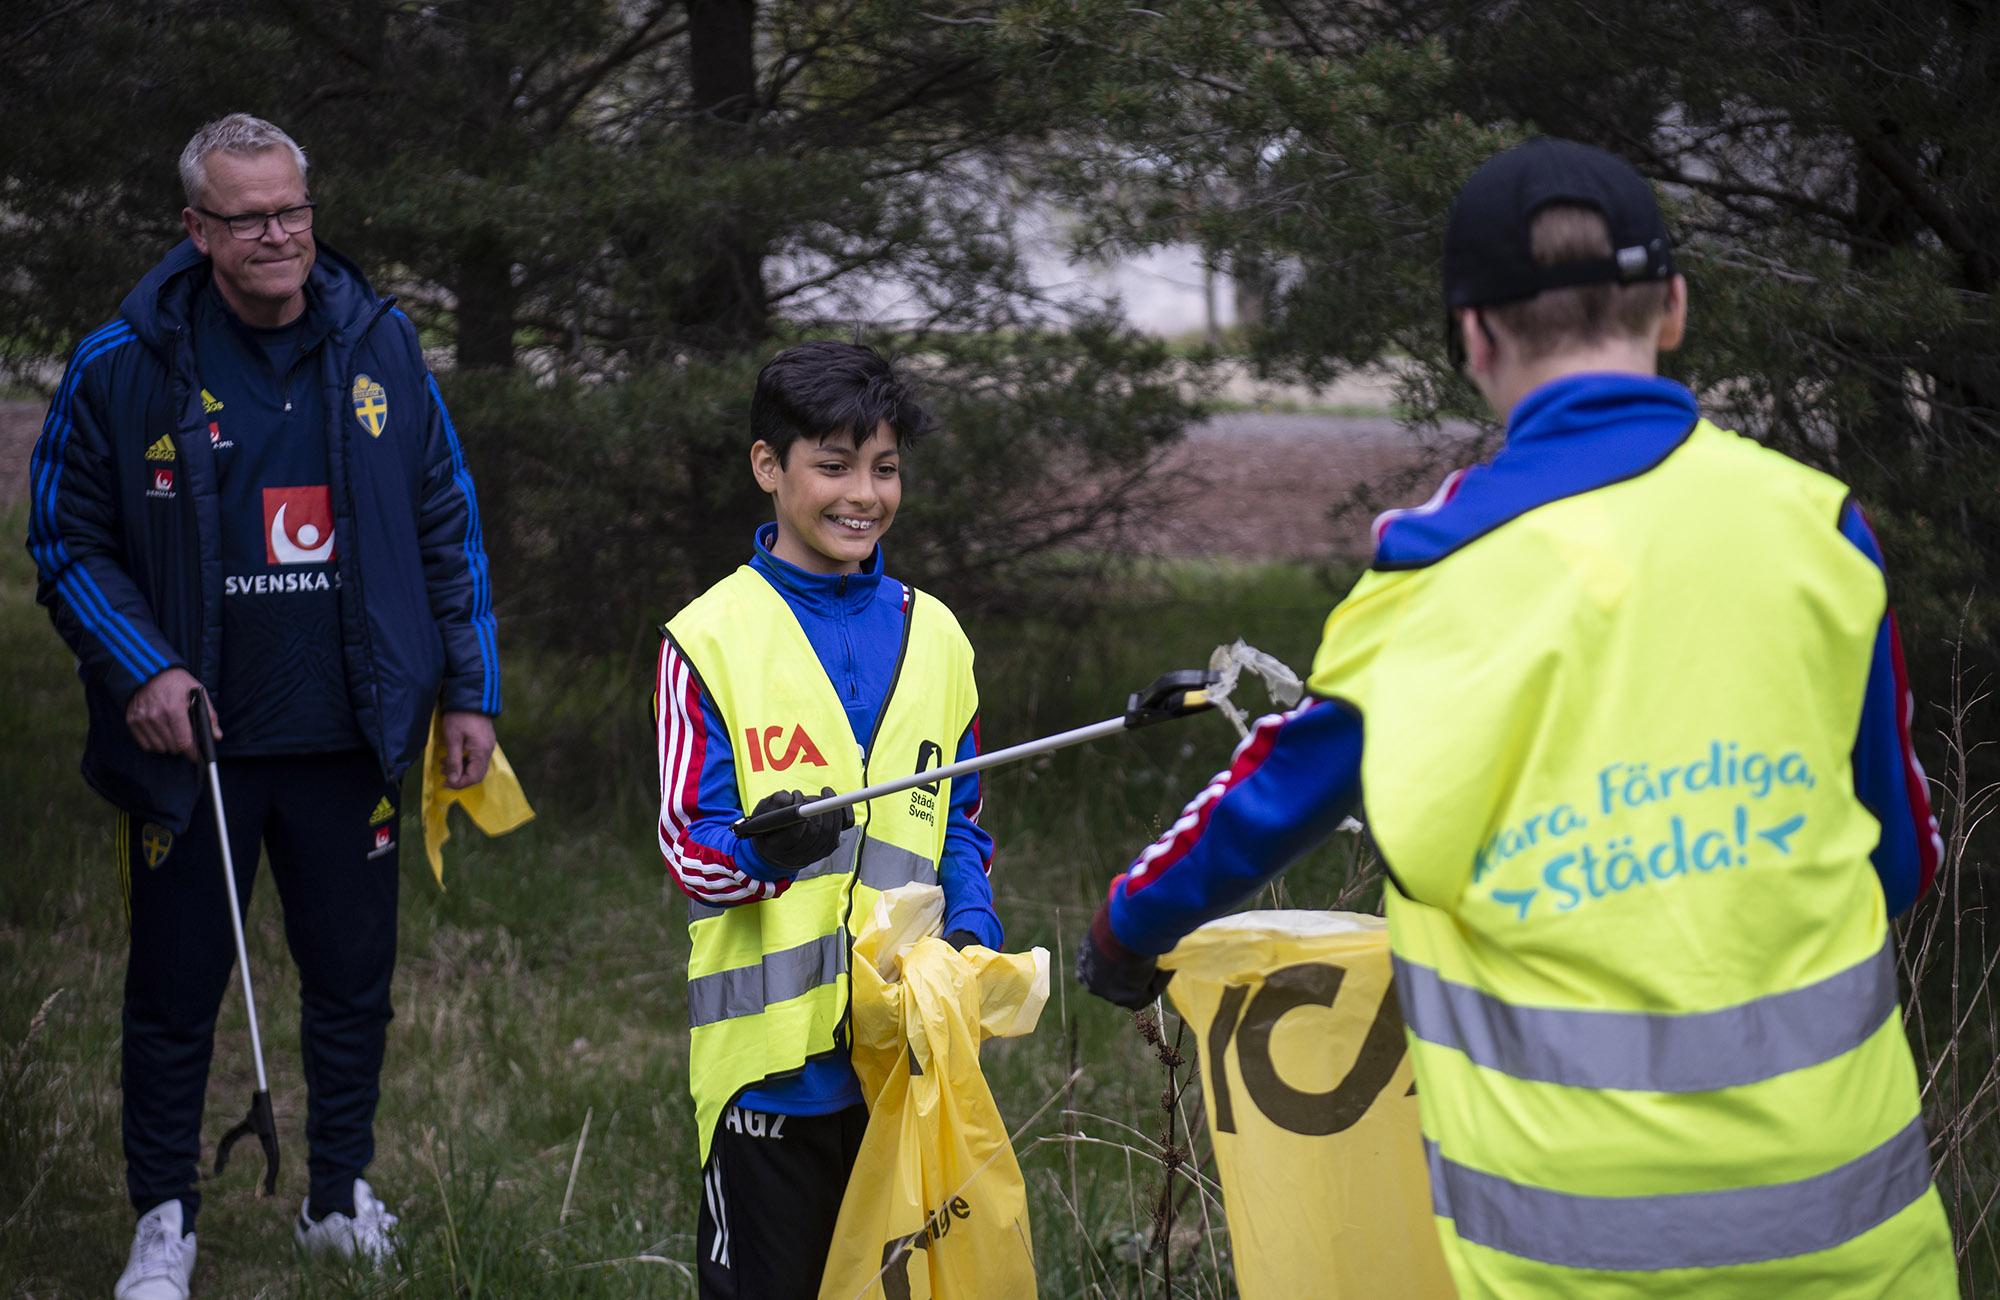 Tillsammans på 44 orter när ICA och idrottsungdomar städar Sverige igen